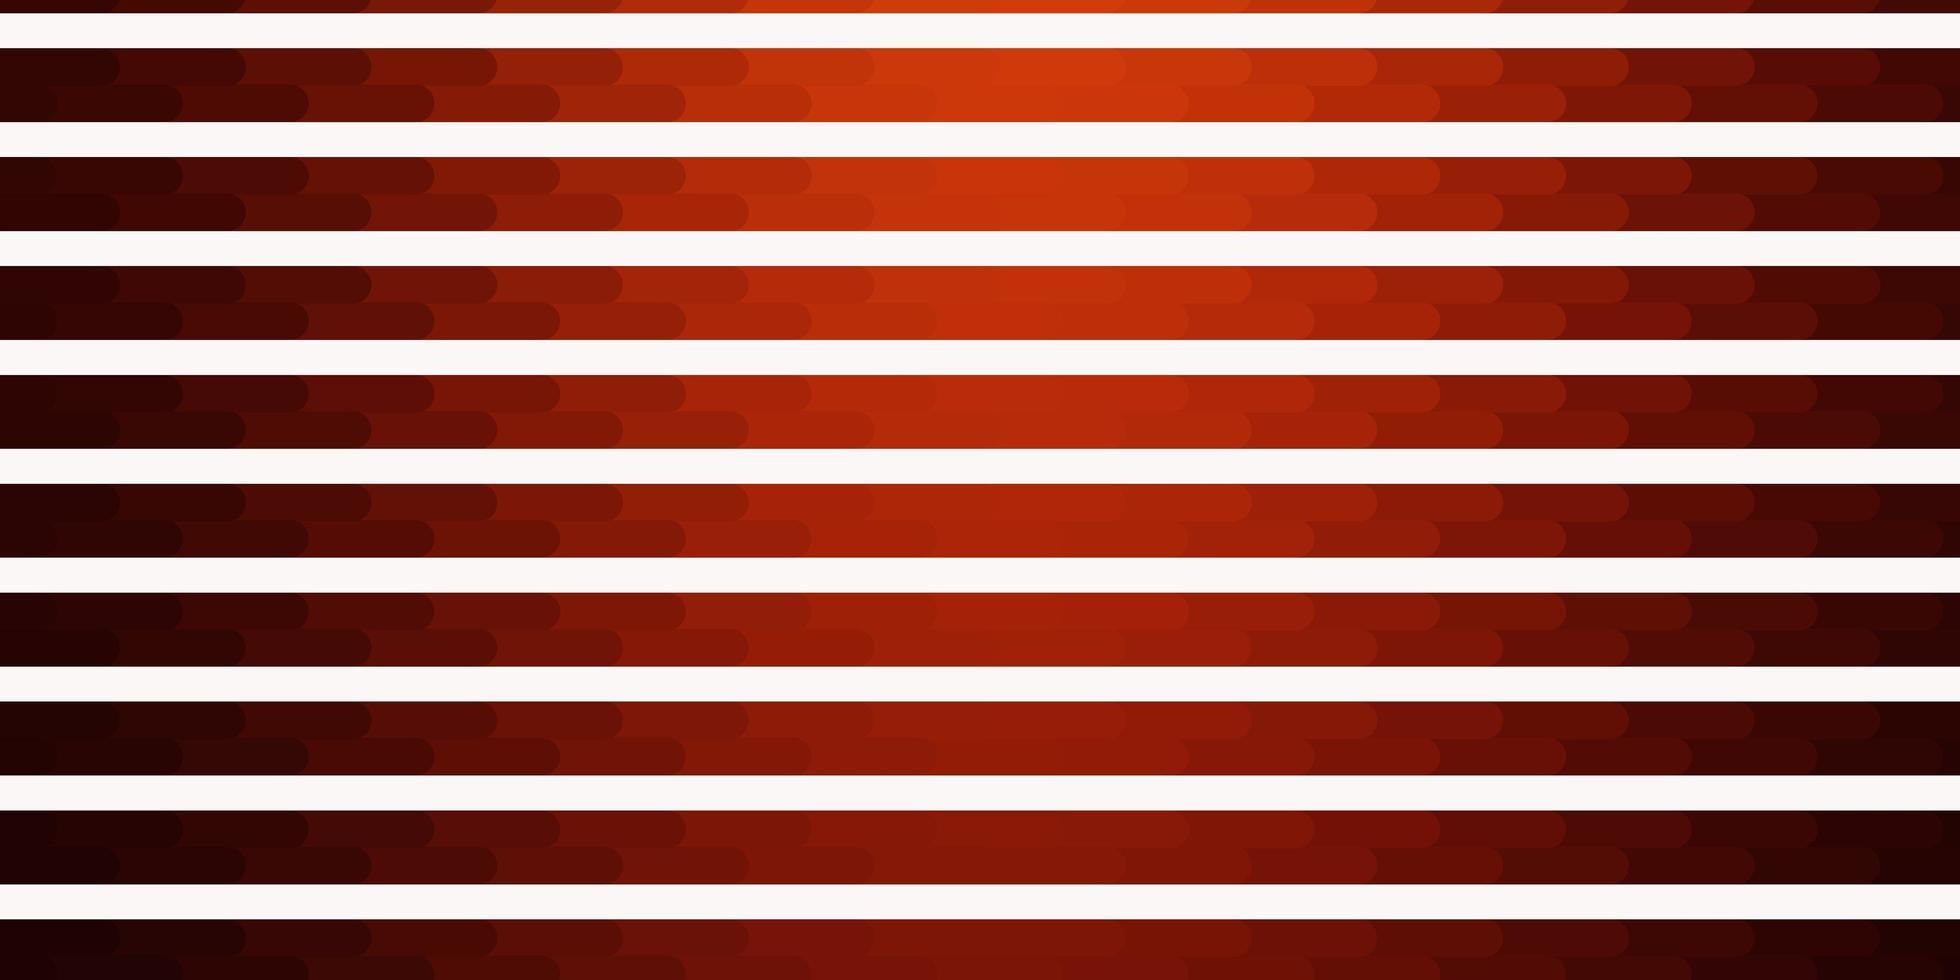 padrão de vetor vermelho claro com linhas.